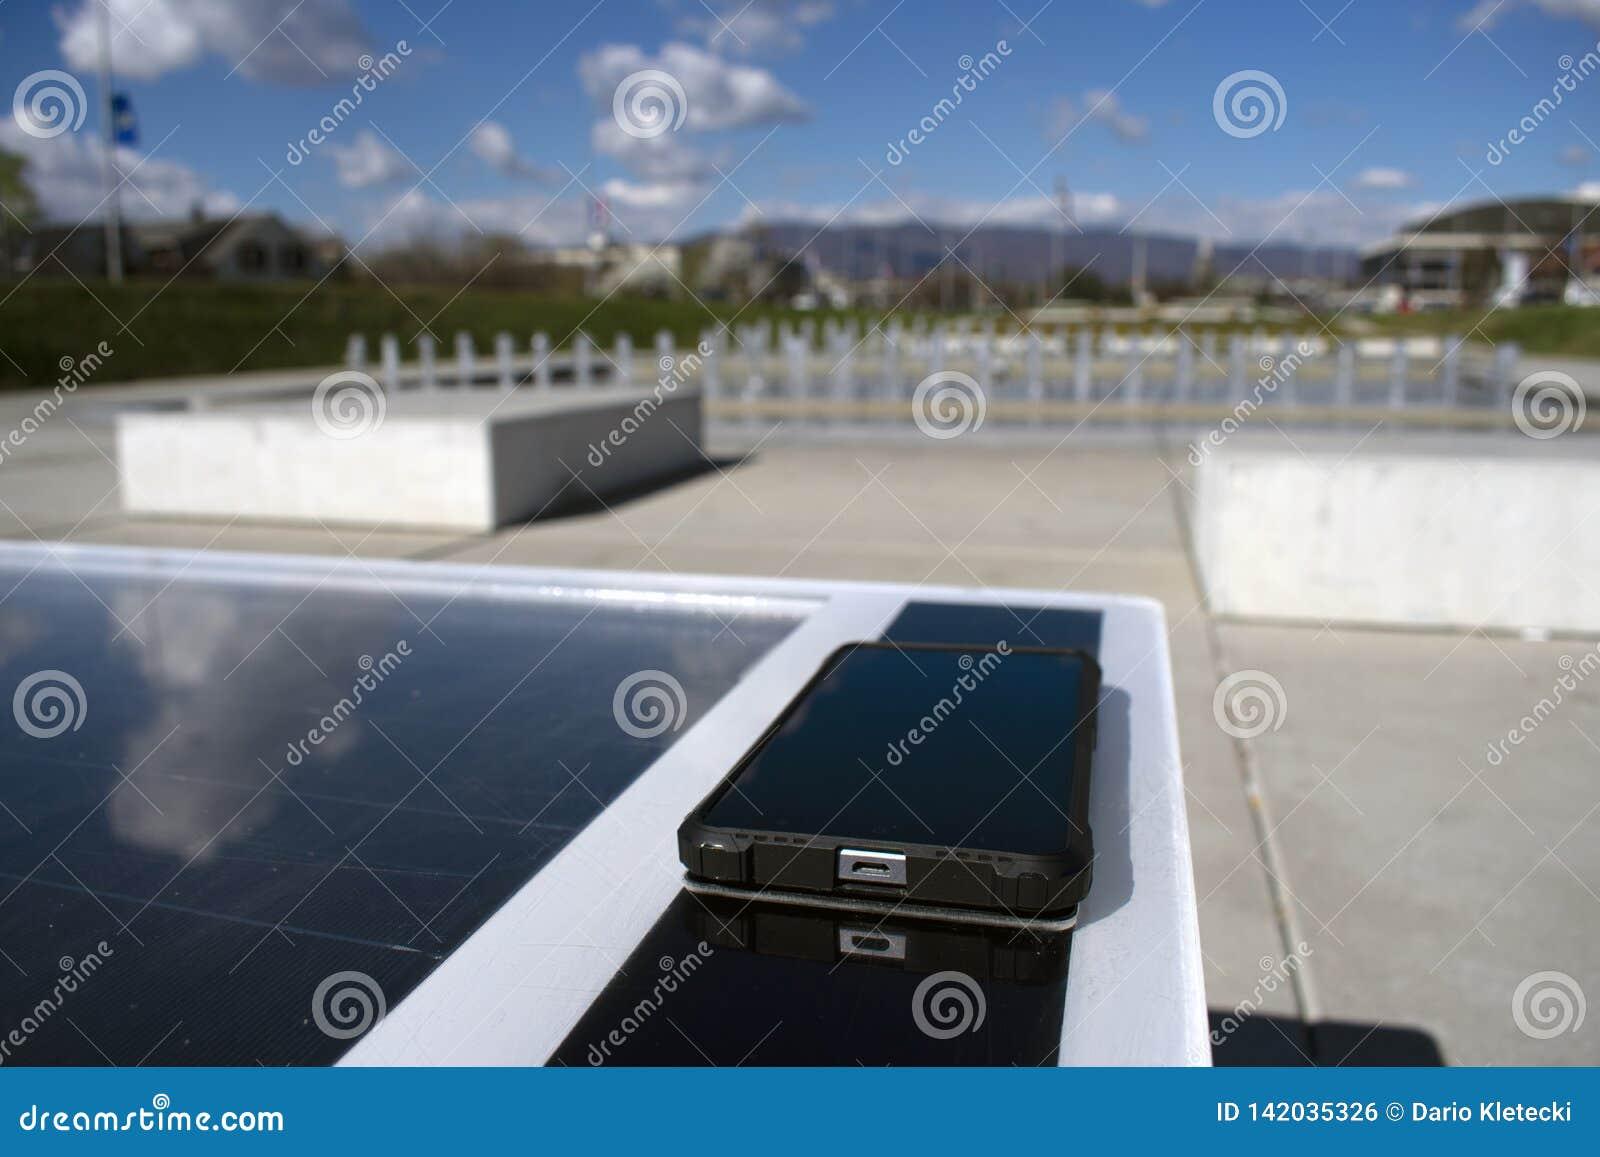 Мобильный телефон поручая удаленно на солнечном стенде